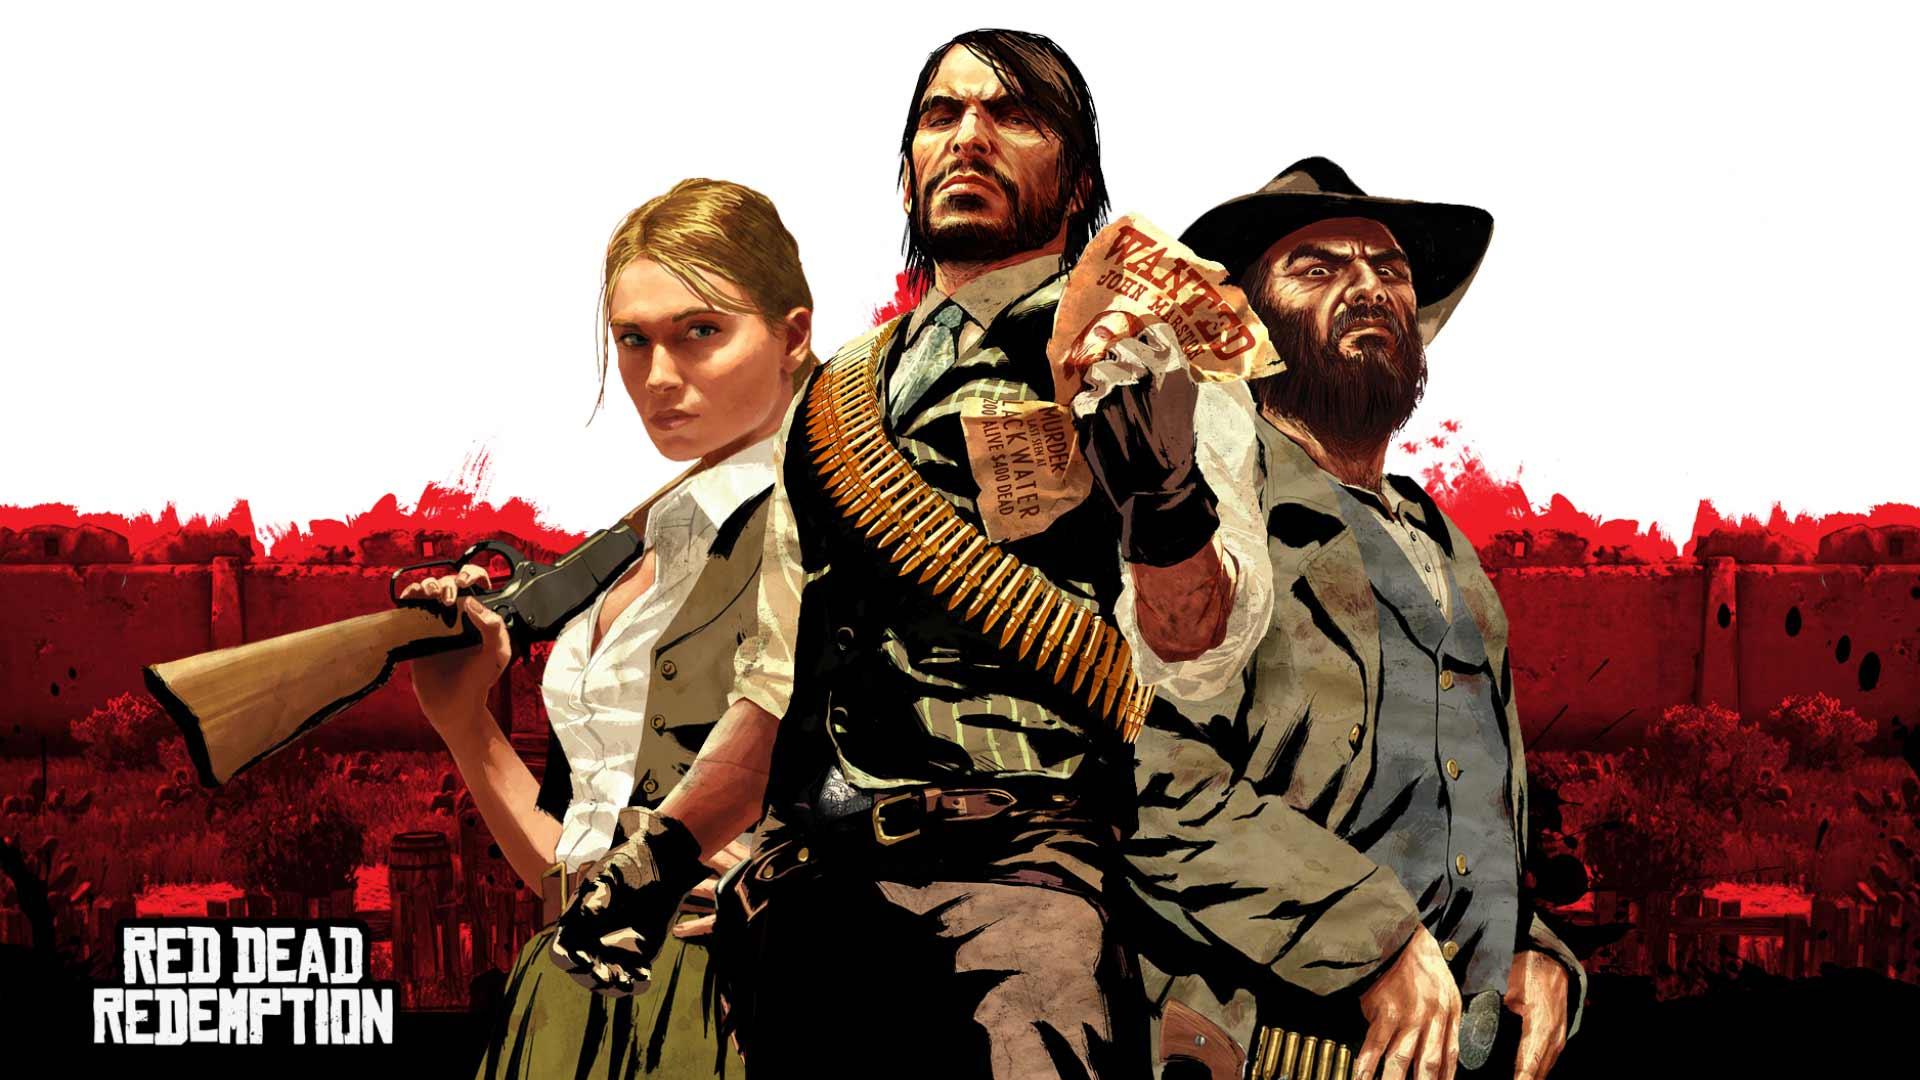 Как долго поклонникам придется ждать Red Dead Redemption 3?